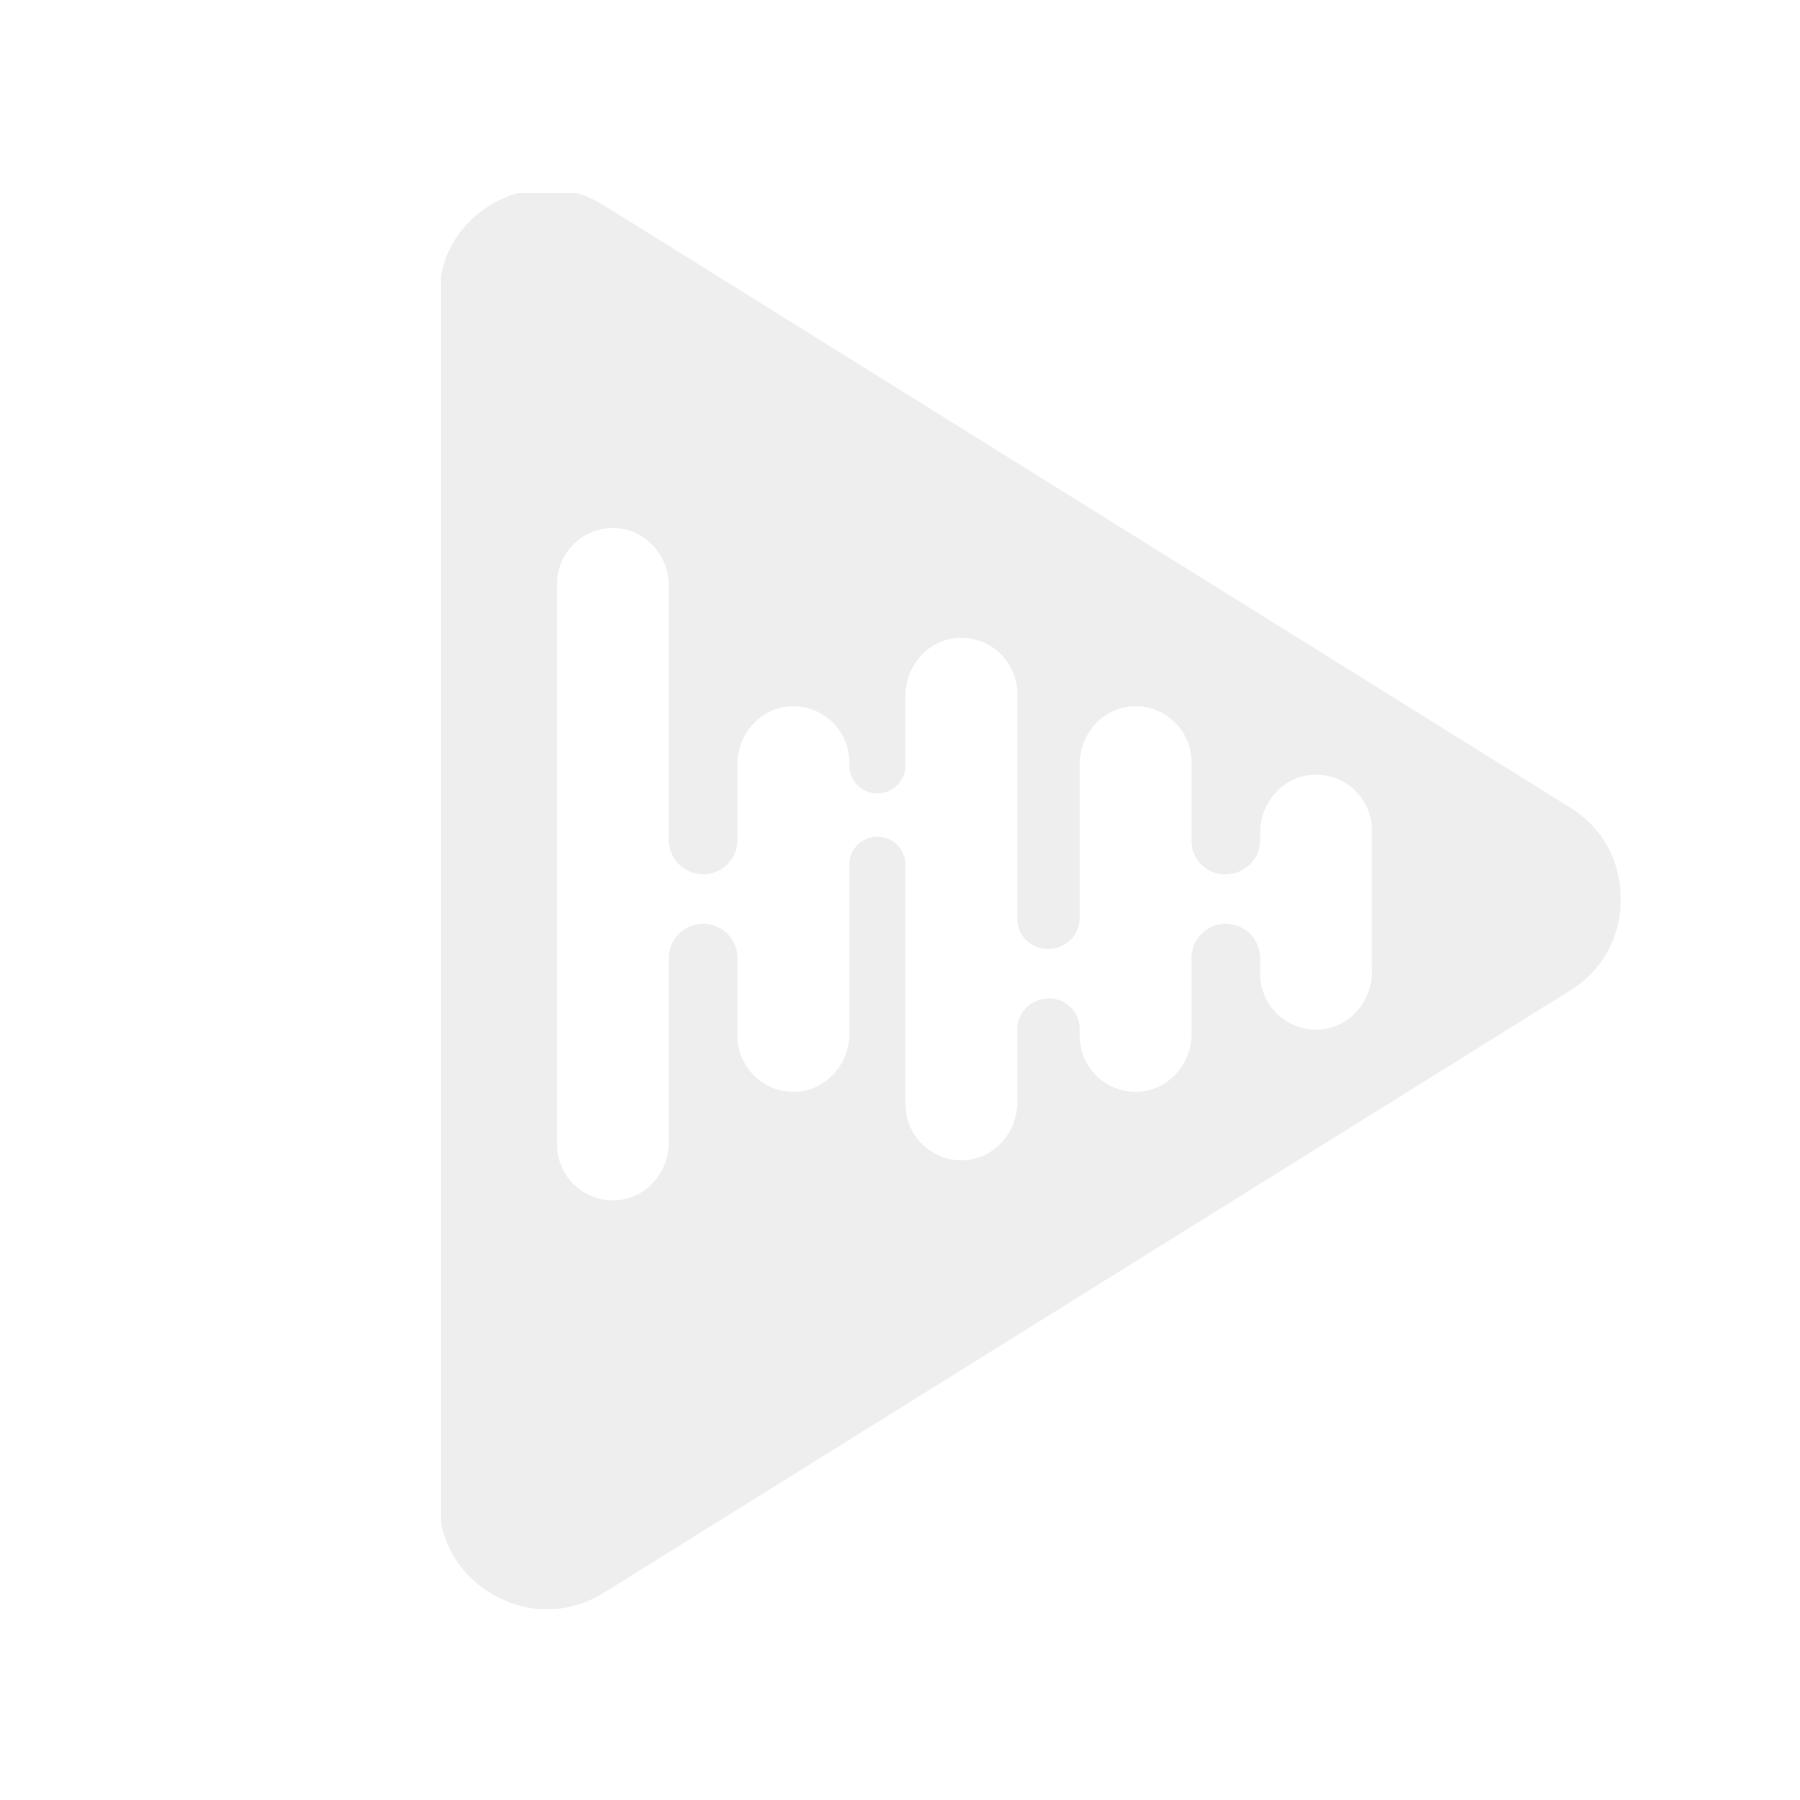 Eton MINI 150.4 DSP